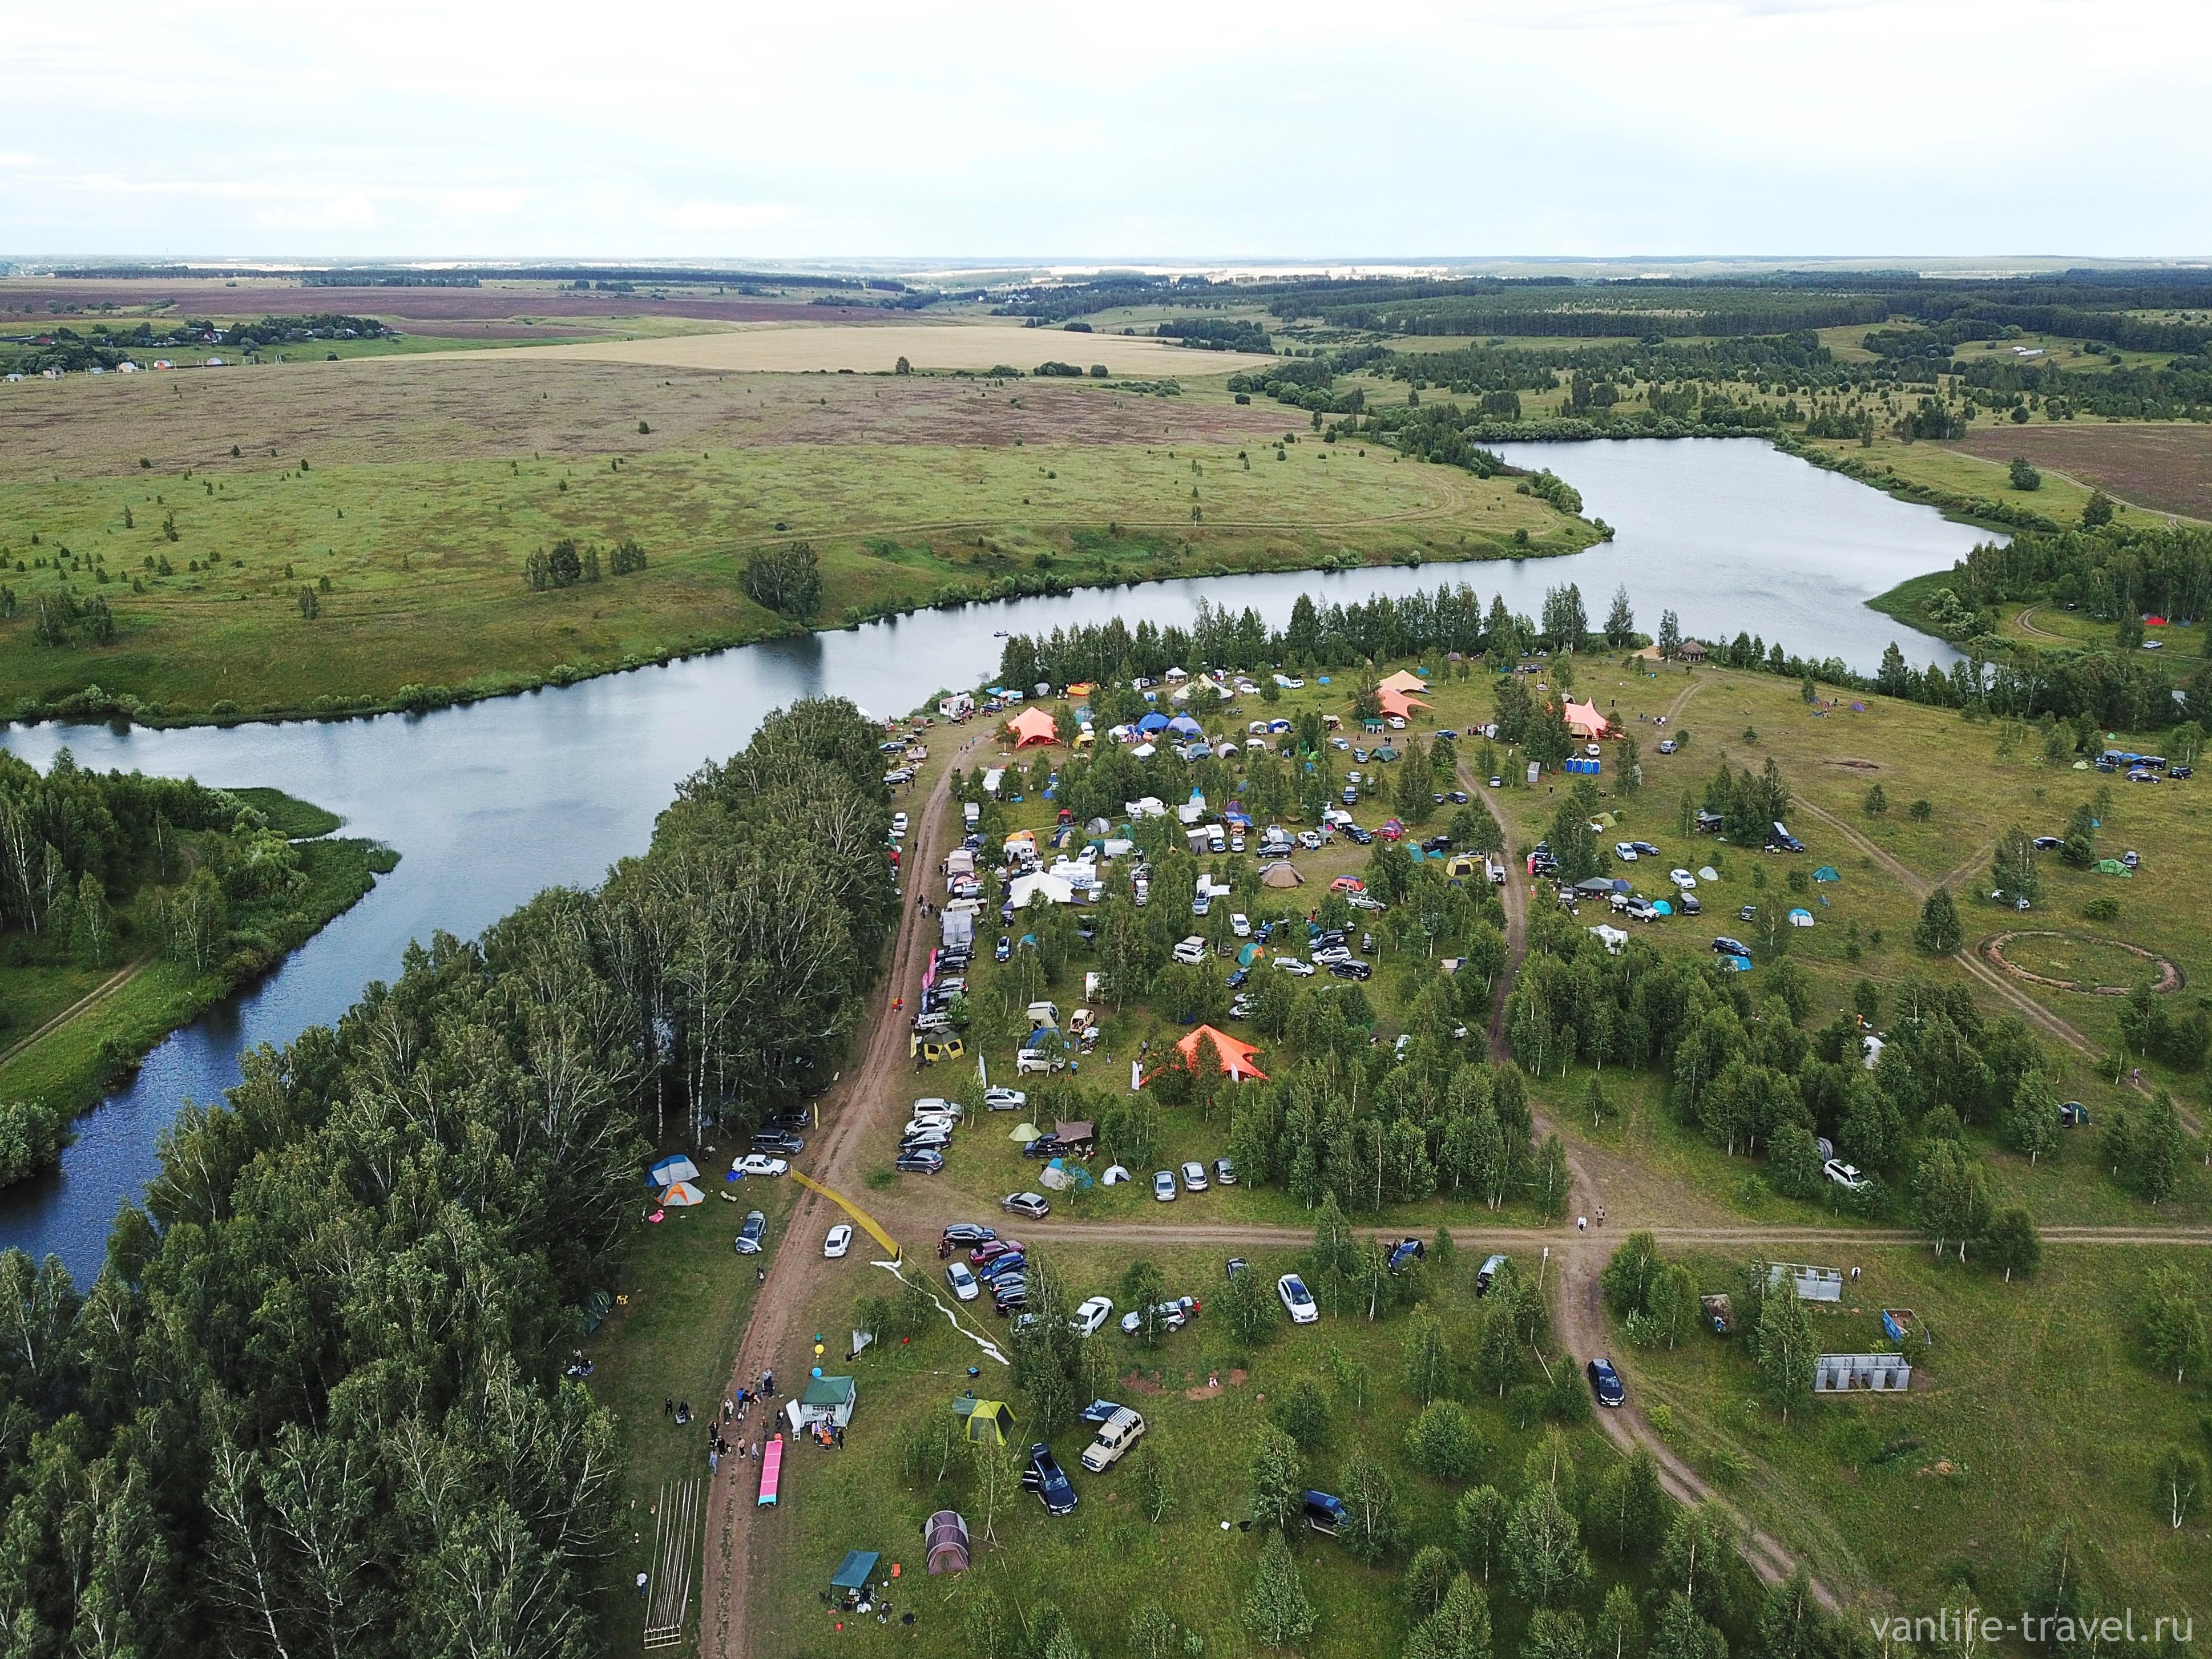 festival-avtoputeshestviya-abt